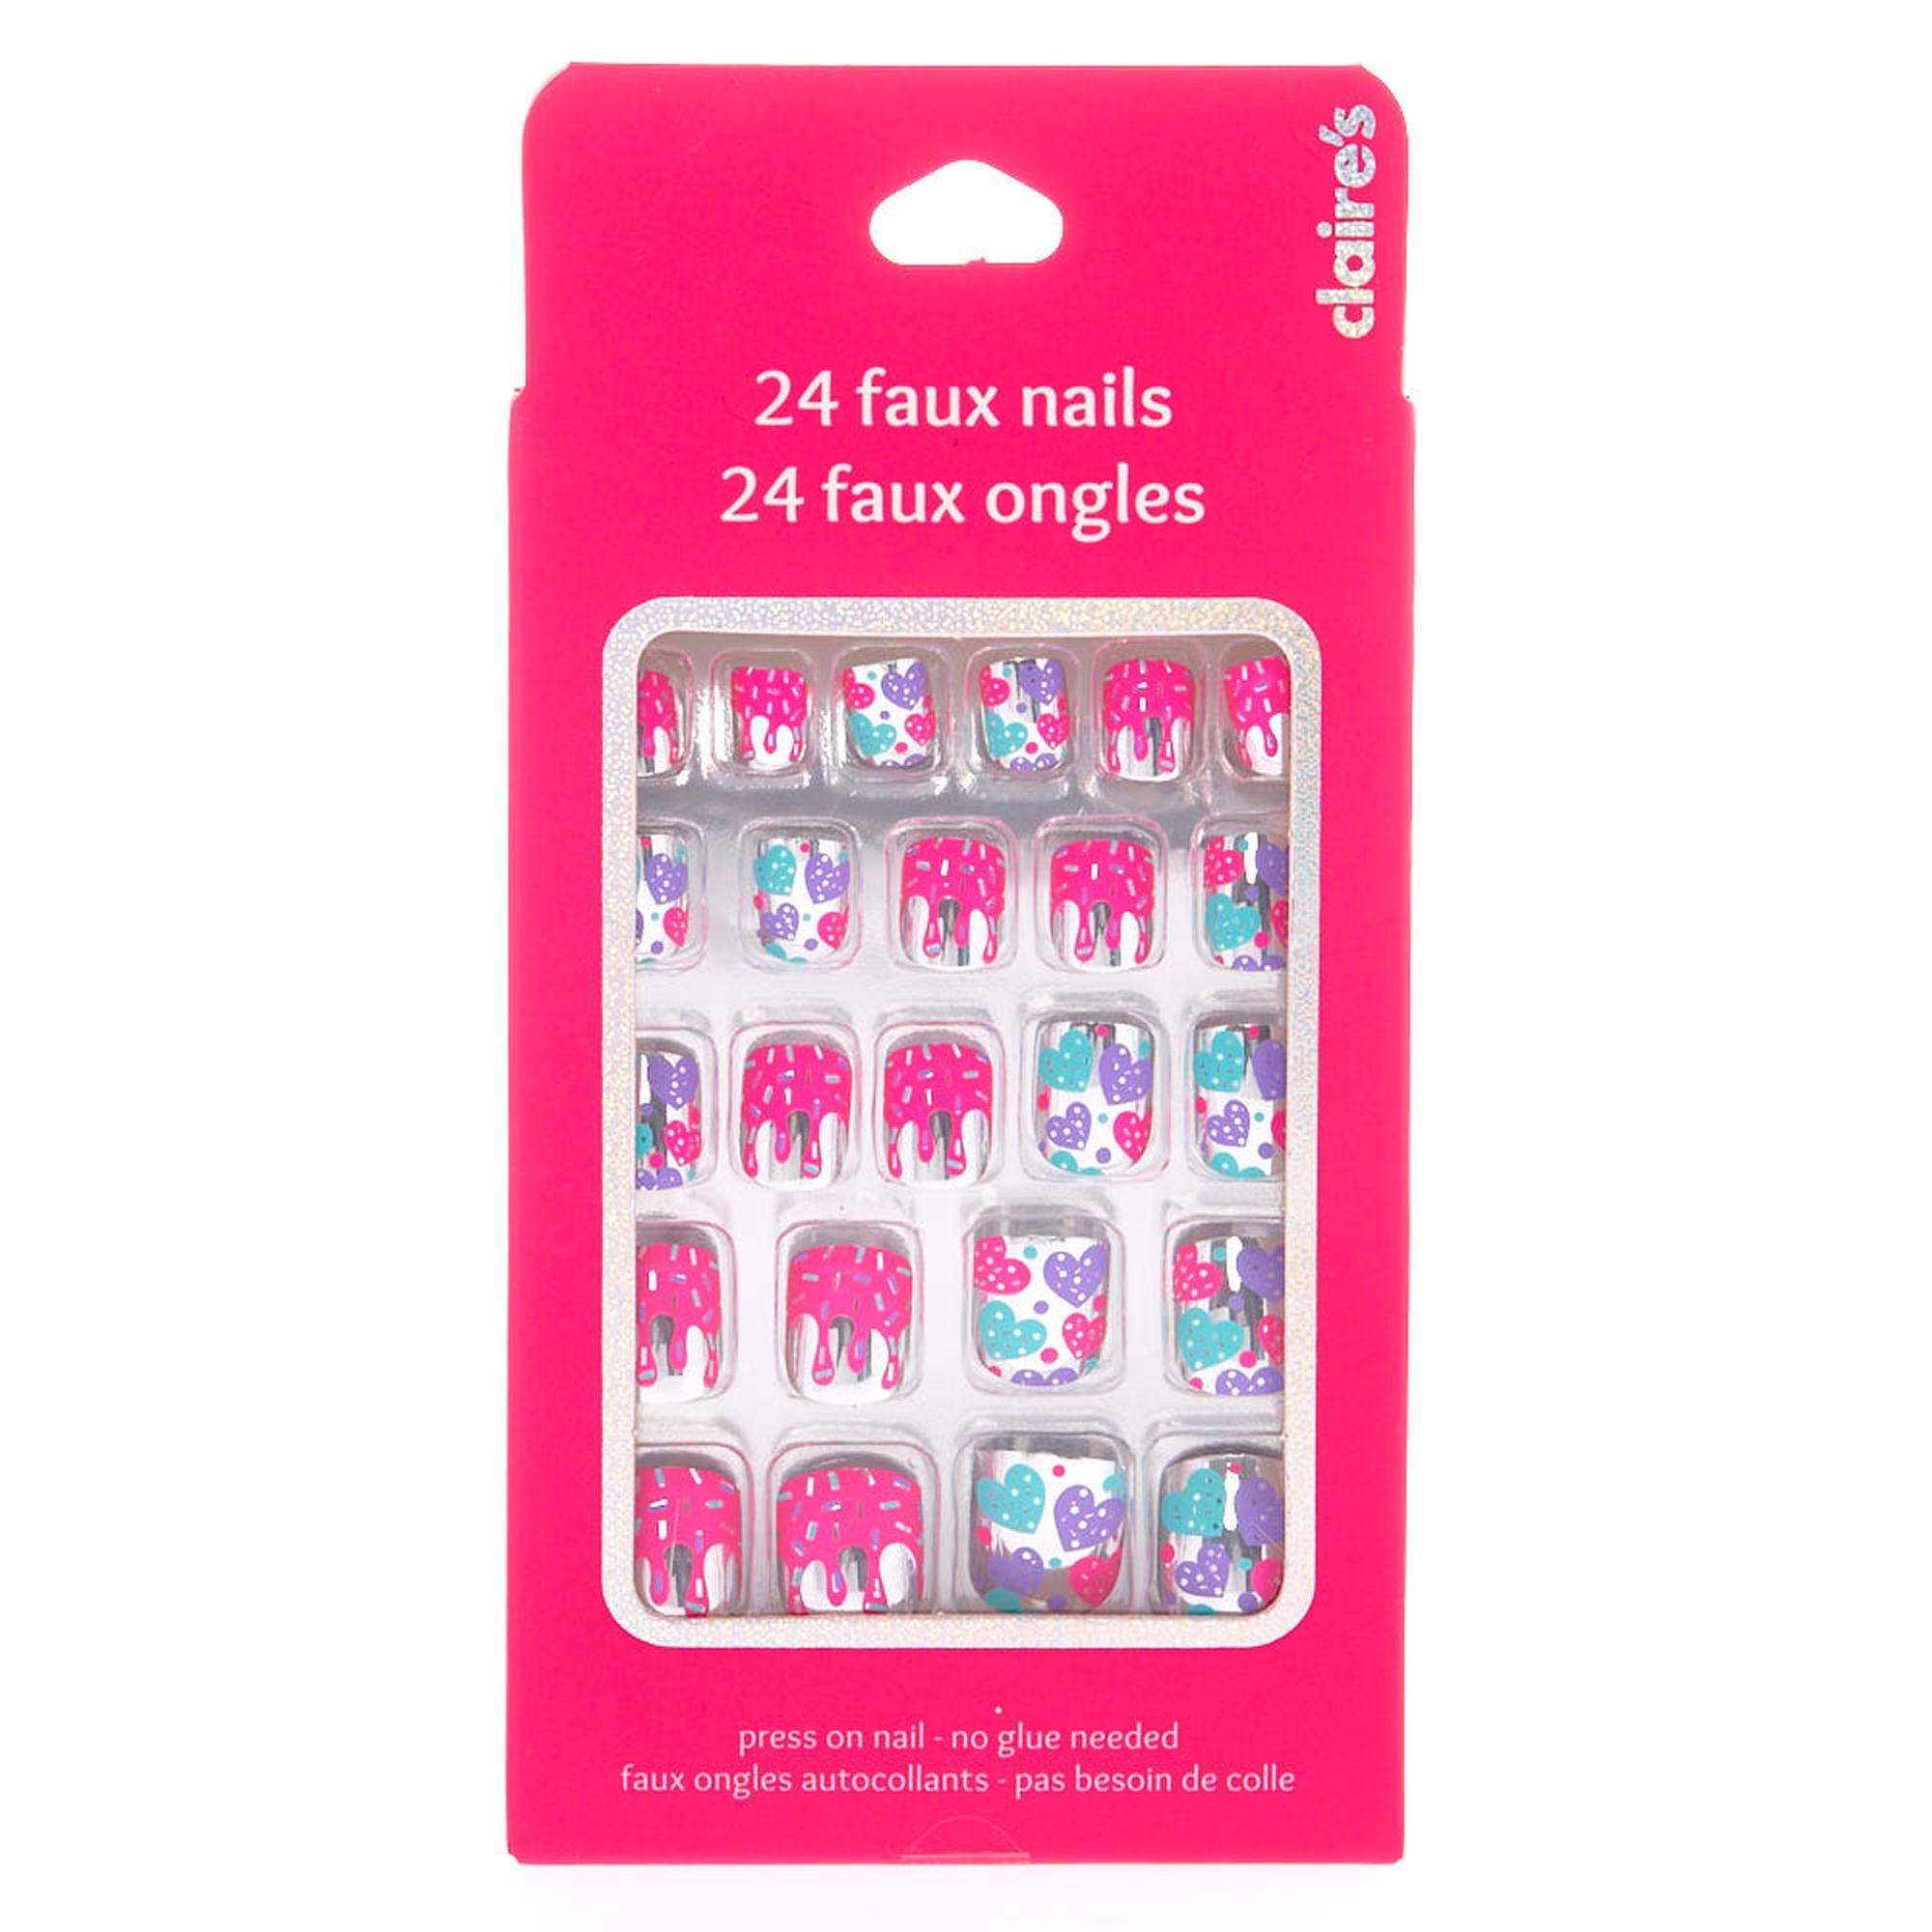 lot de faux ongles paillettes pour enfant claire 39 s fr. Black Bedroom Furniture Sets. Home Design Ideas